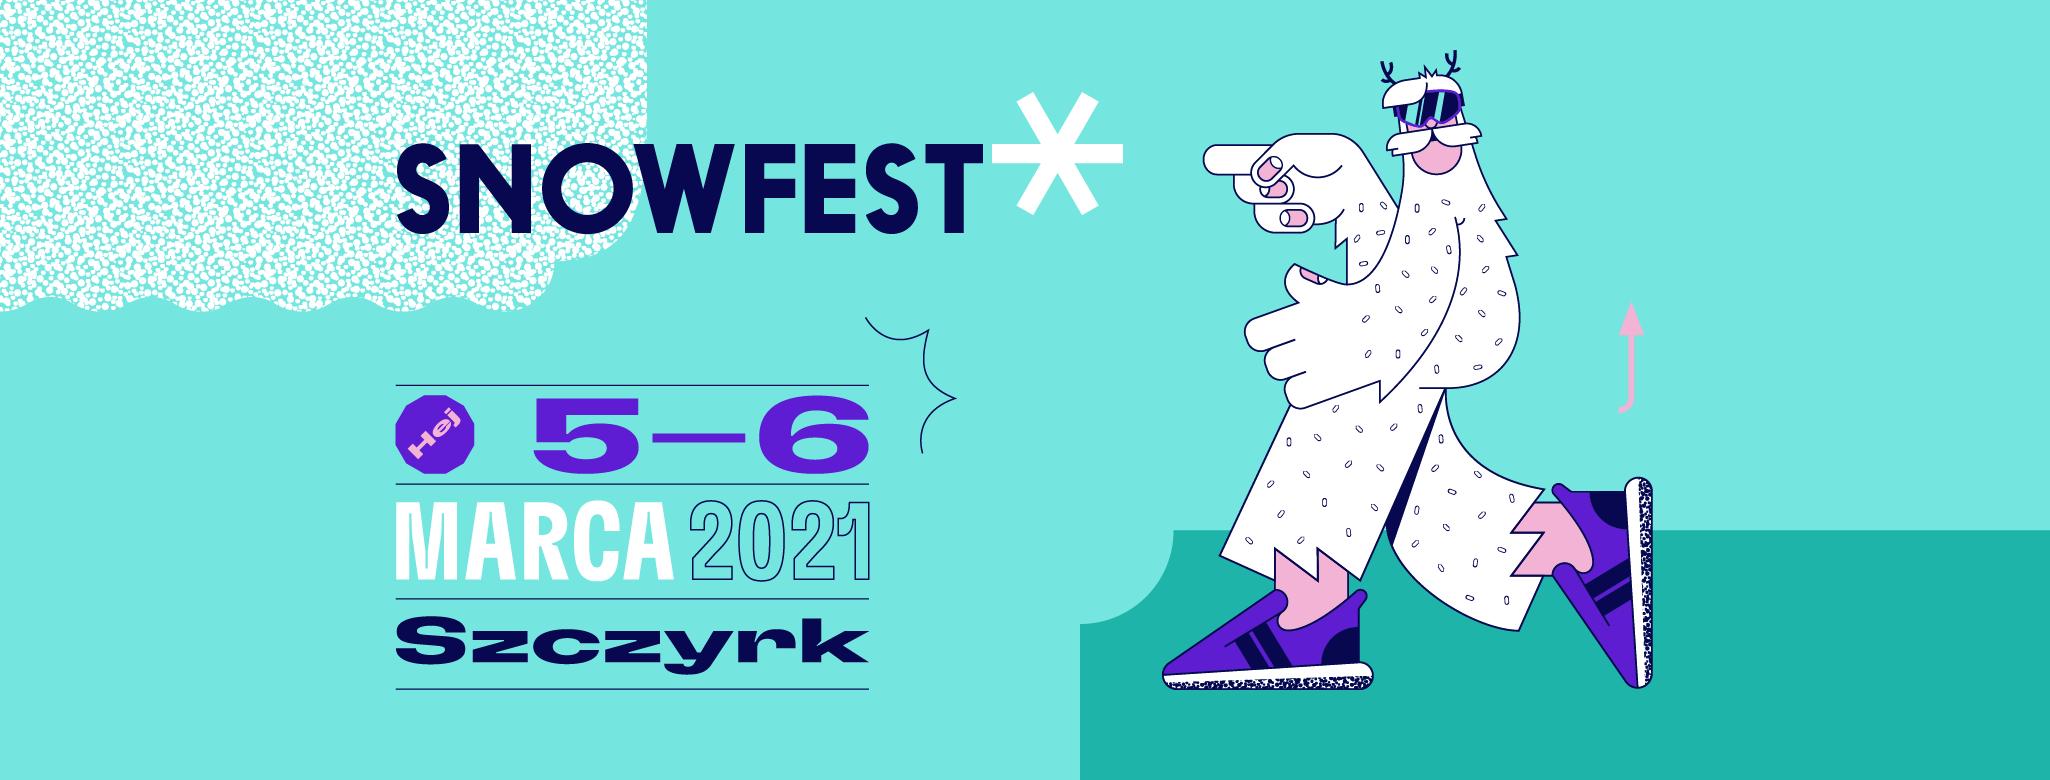 SnowFest 2021 | Pierwsi artyści wlecieli do line-up'u!